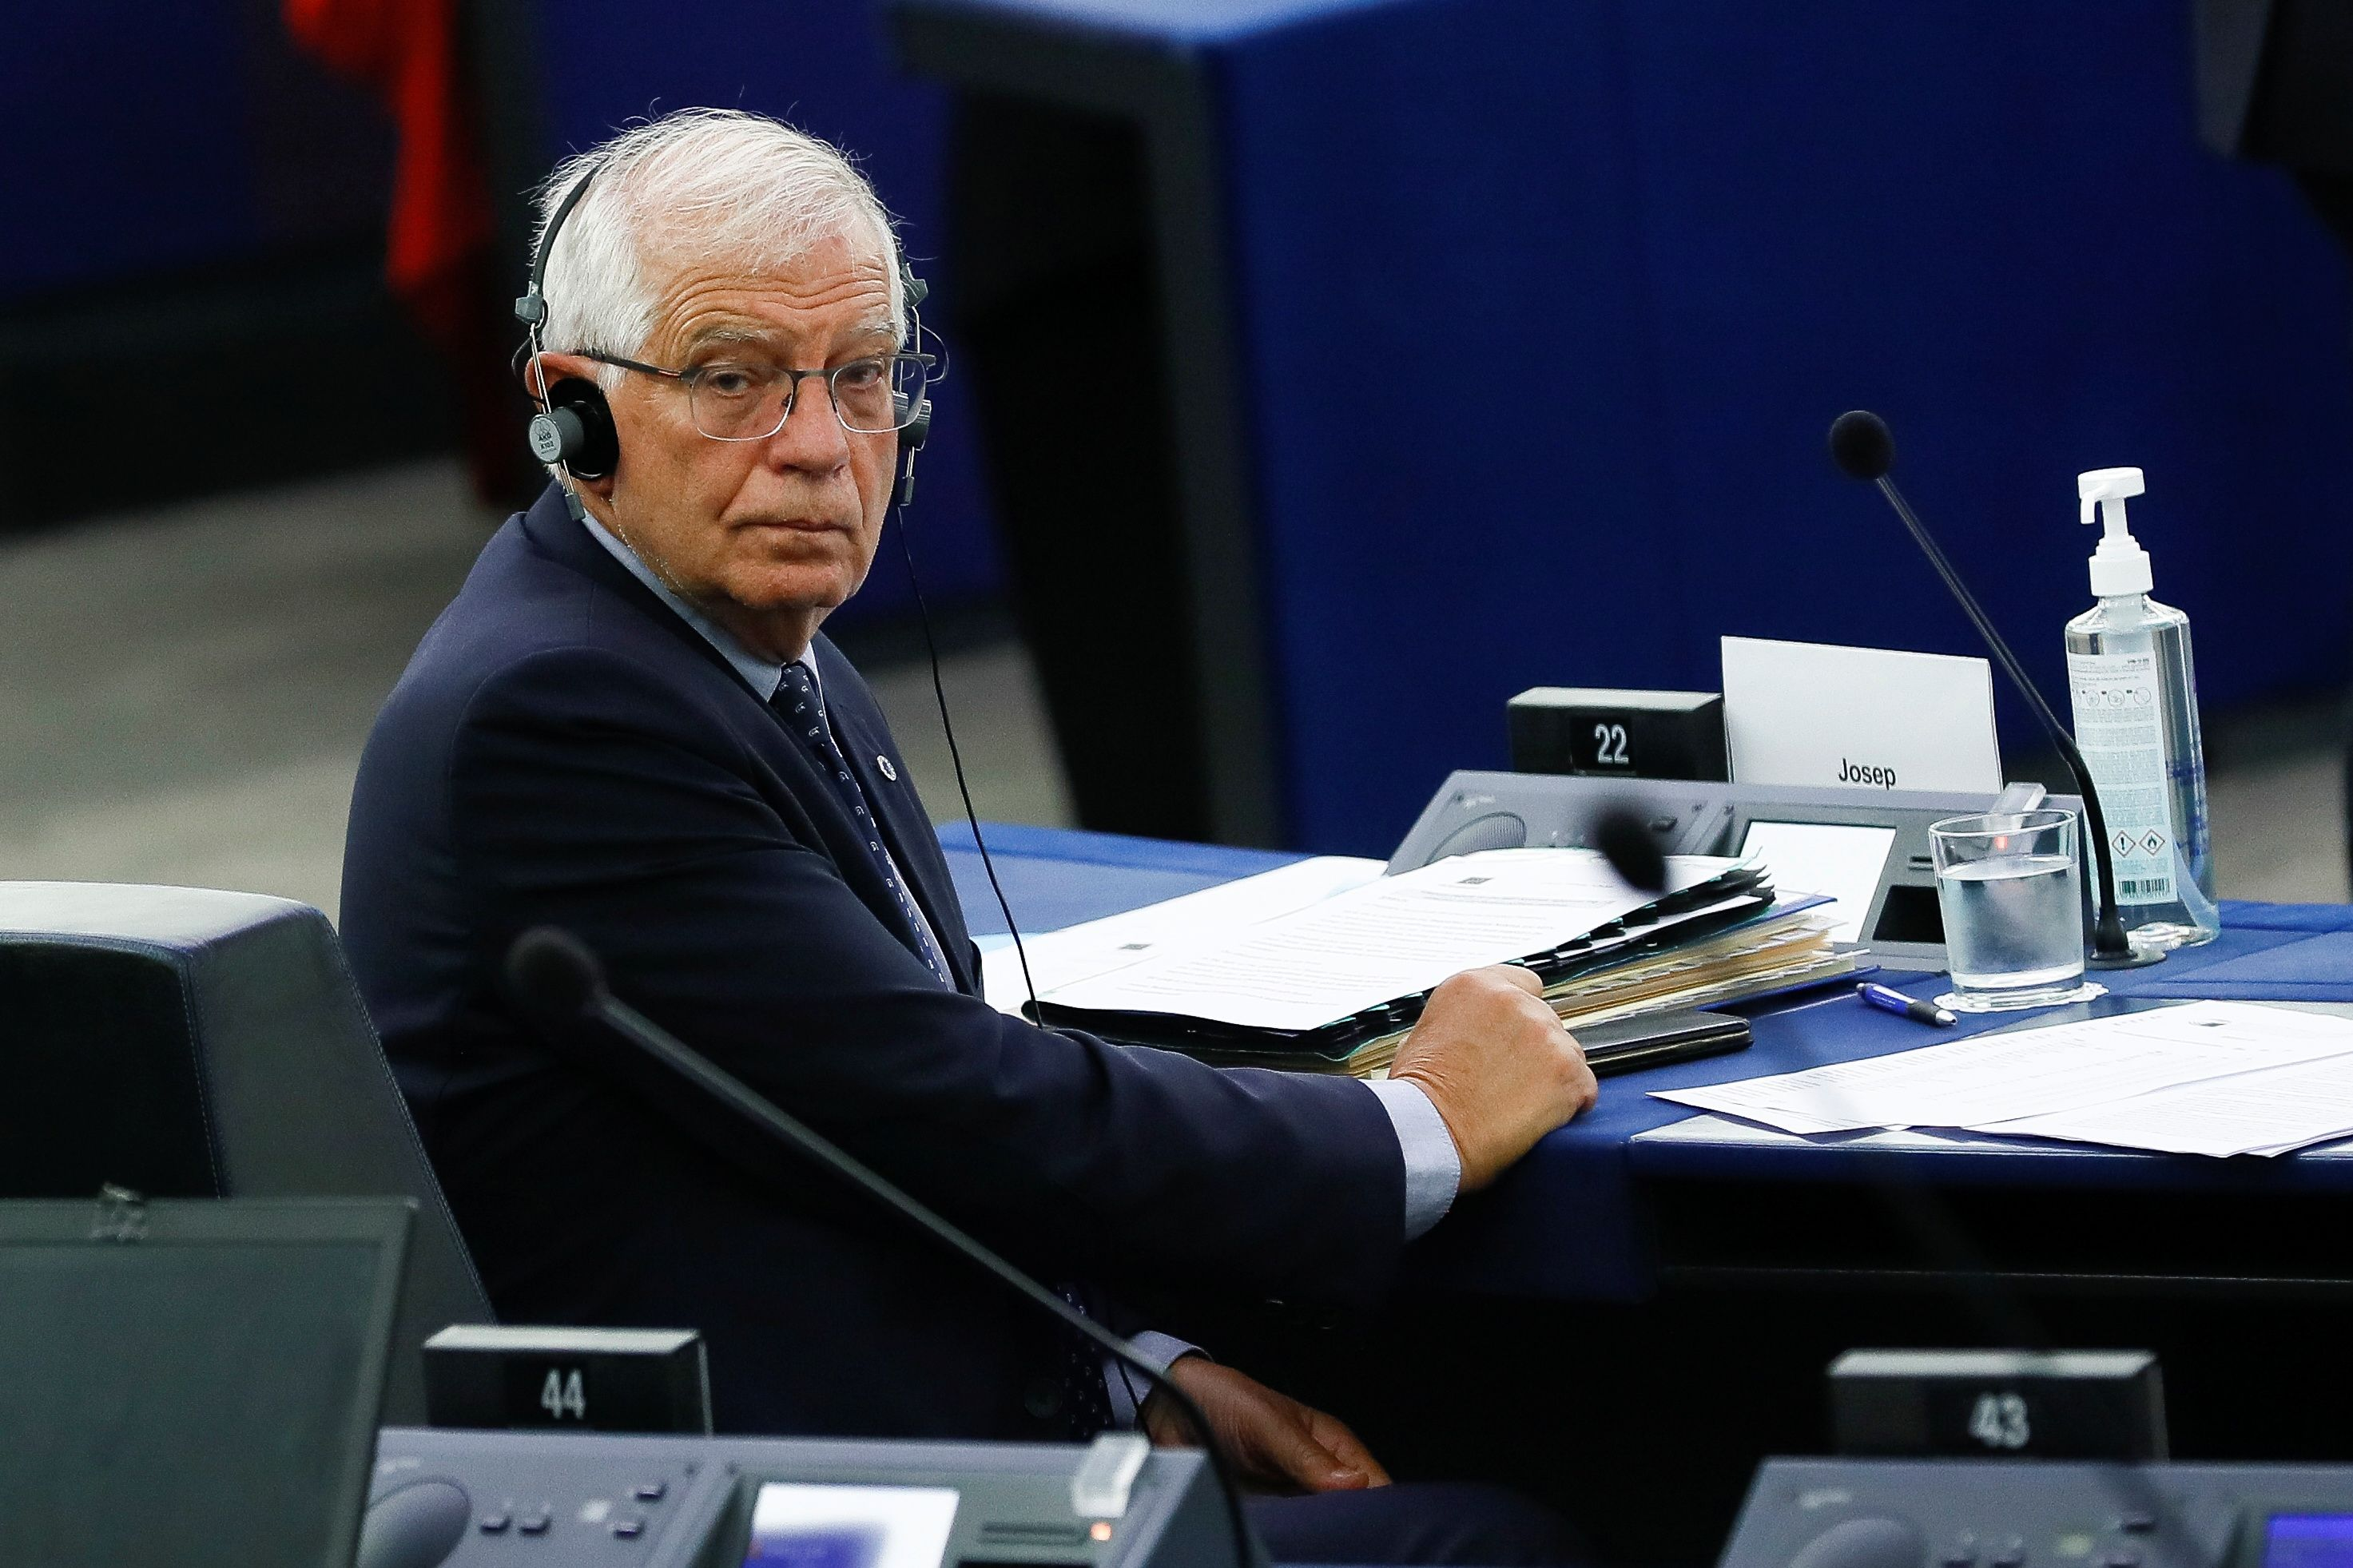 El jefe de la diplomacia europea, Josep Borrel (Julien Warnand/Pool via REUTERS)